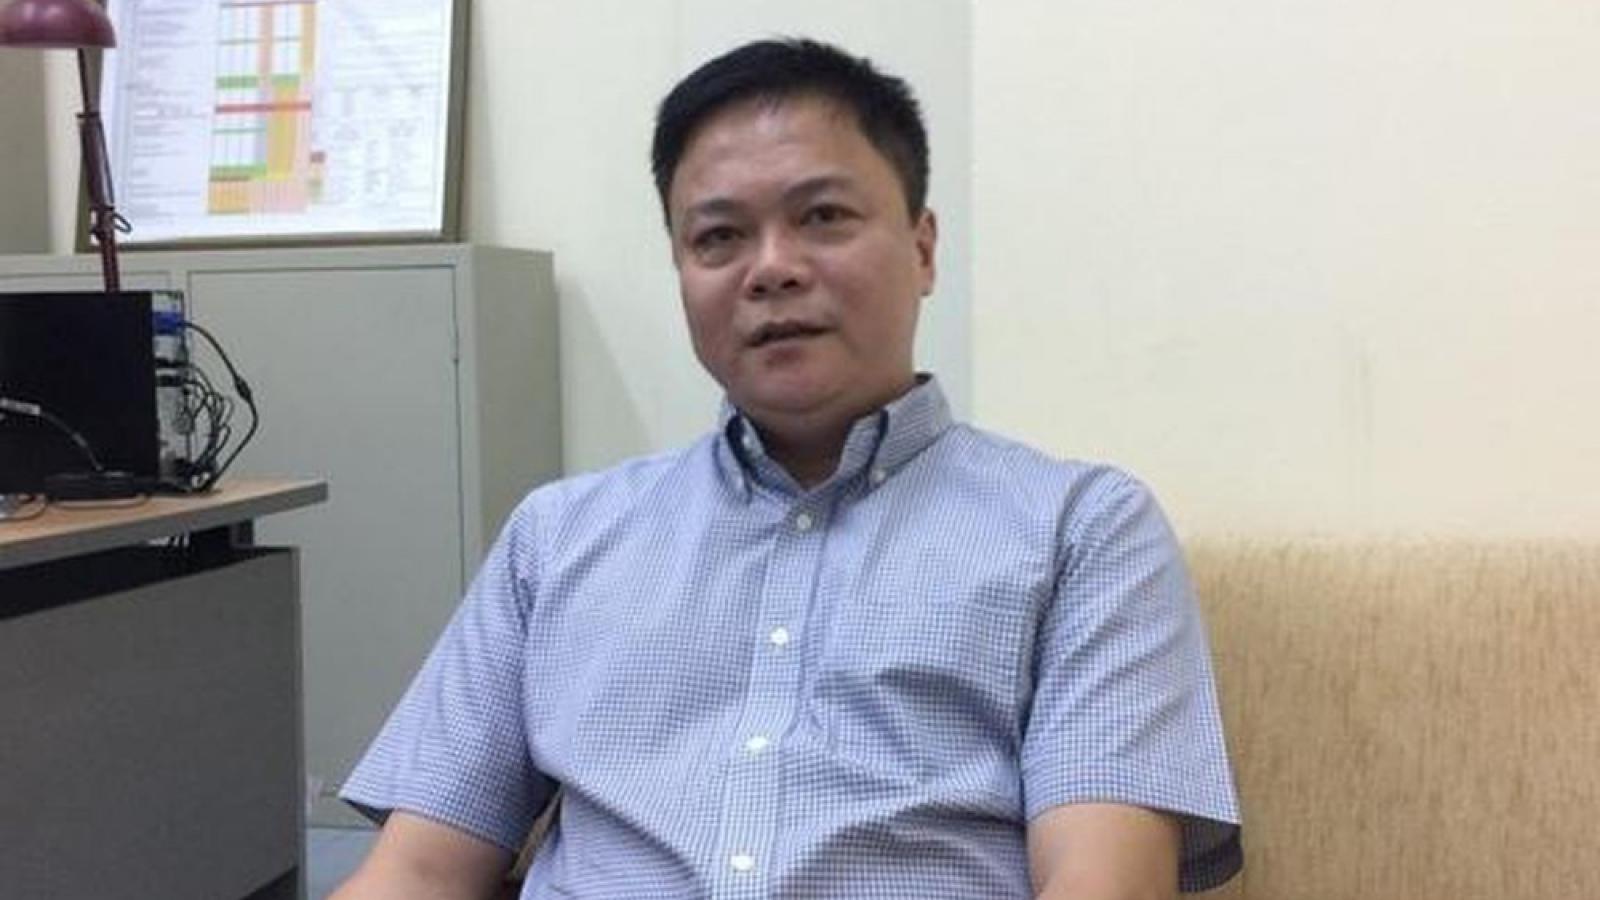 Bài thi tư duy của Đại học Bách khoa Hà Nội có thay đổi gì trong năm 2021?